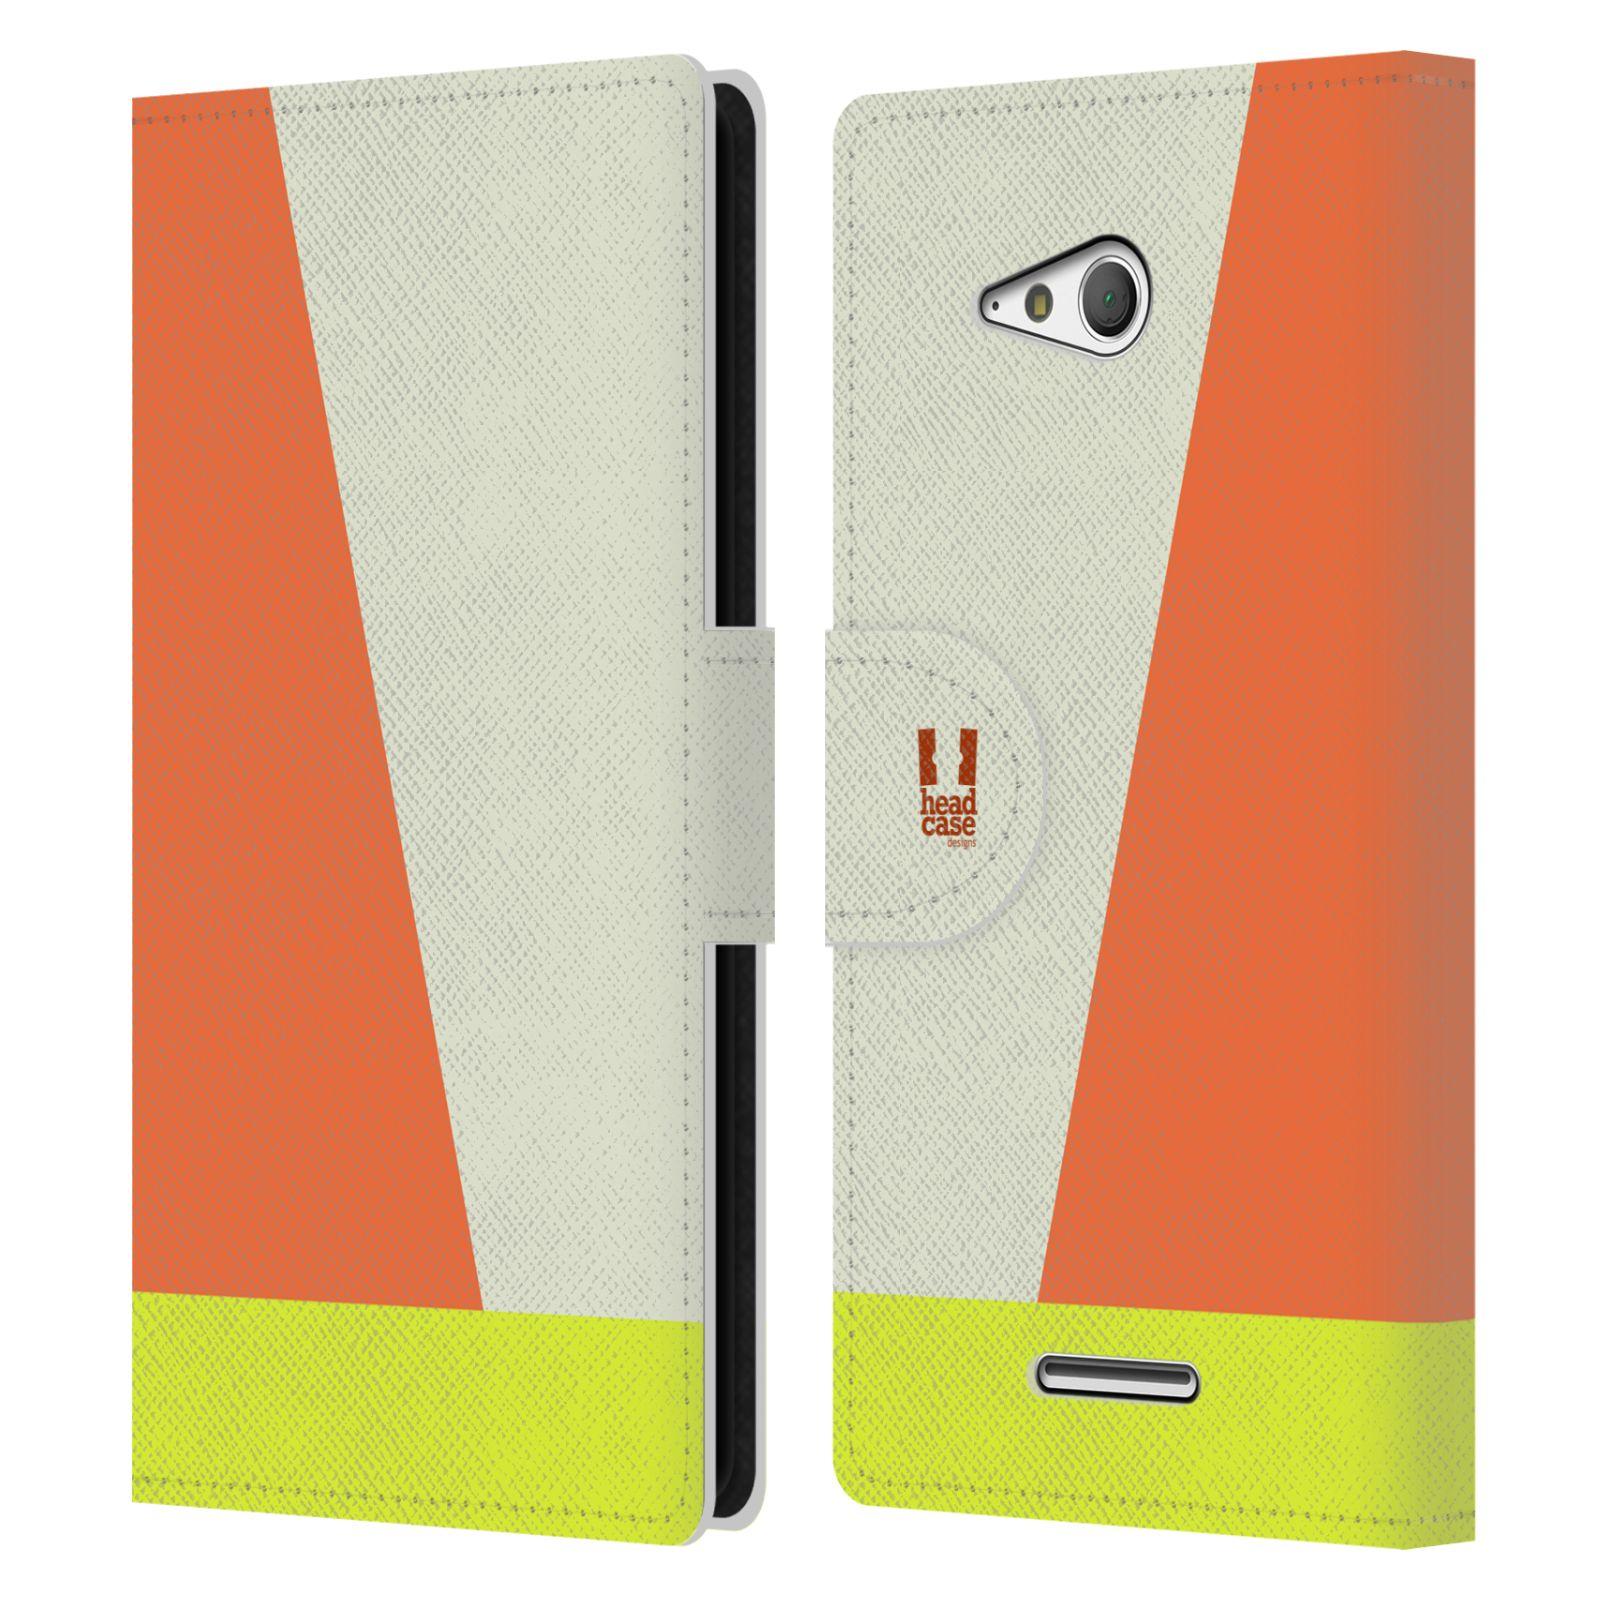 HEAD CASE Flipové pouzdro pro mobil SONY Xperia E4g barevné tvary slonová kost